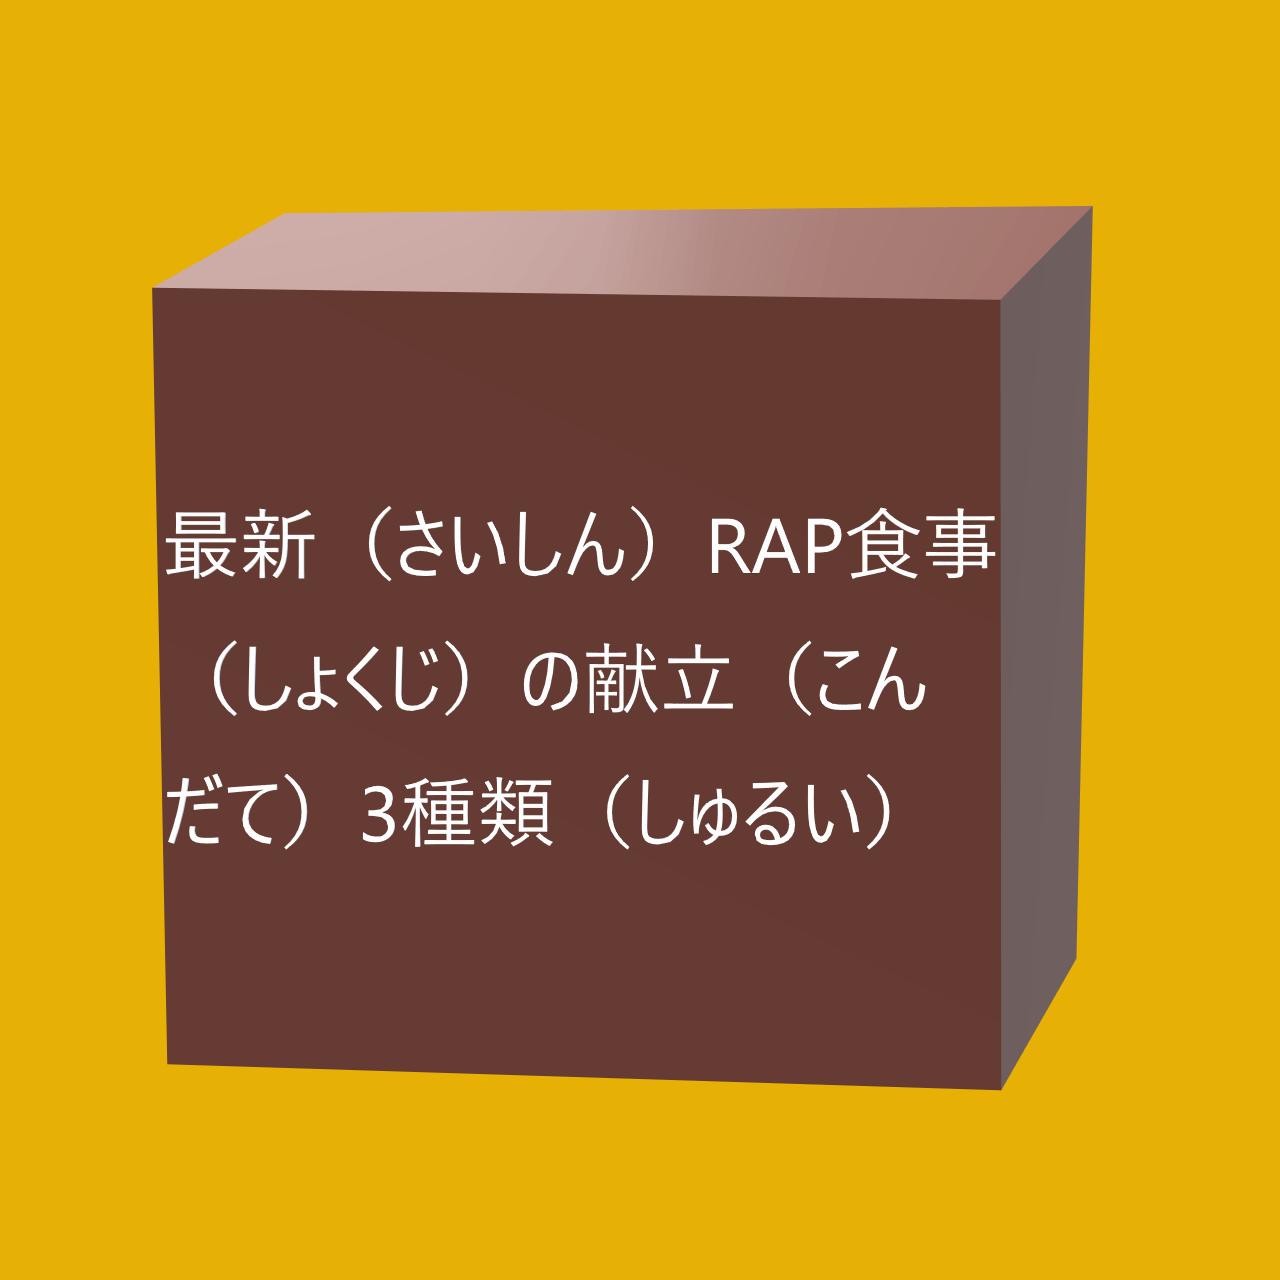 最新(さいしん)RAP食事(しょくじ)の献立(こんだて)3種類(しゅるい)にかかる画像(がぞう)